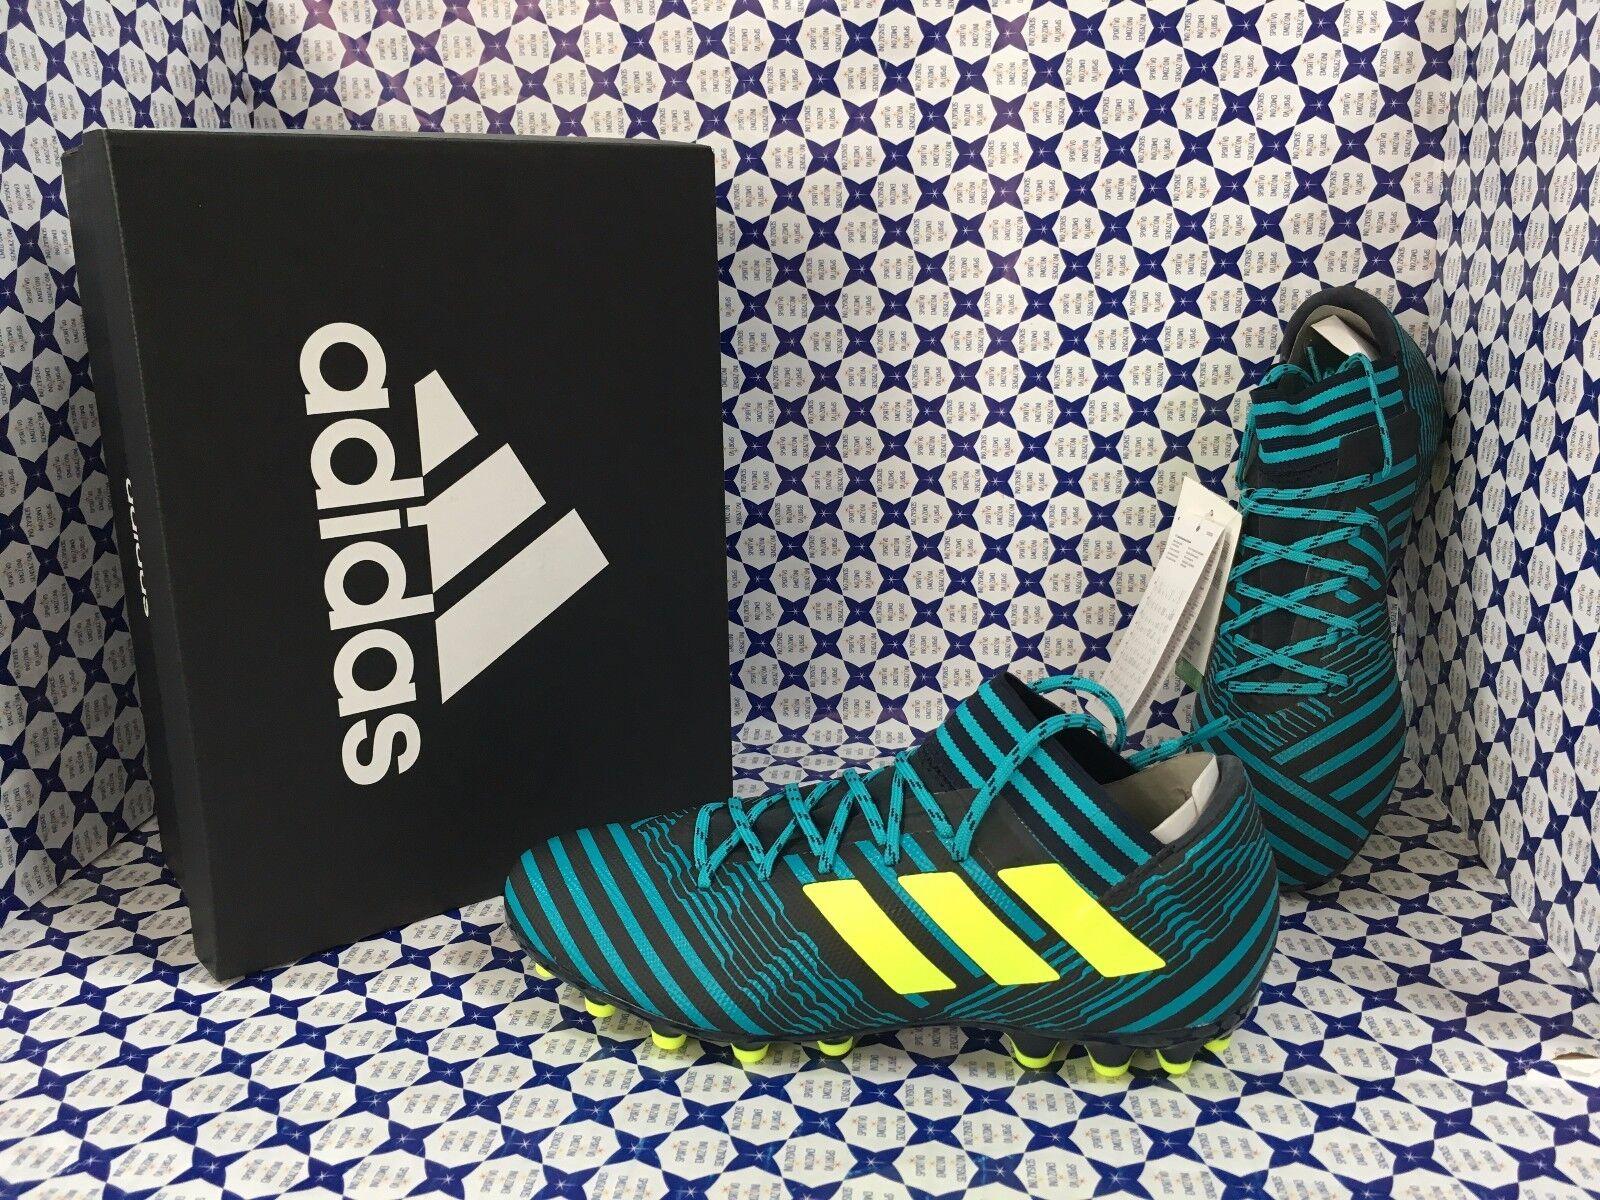 si affrettò a vedere Scarpe Calcio Calcio Calcio Adidas Nemeziz 17.3 AG -- Blu Ottanio -- S82341  prezzi bassi di tutti i giorni